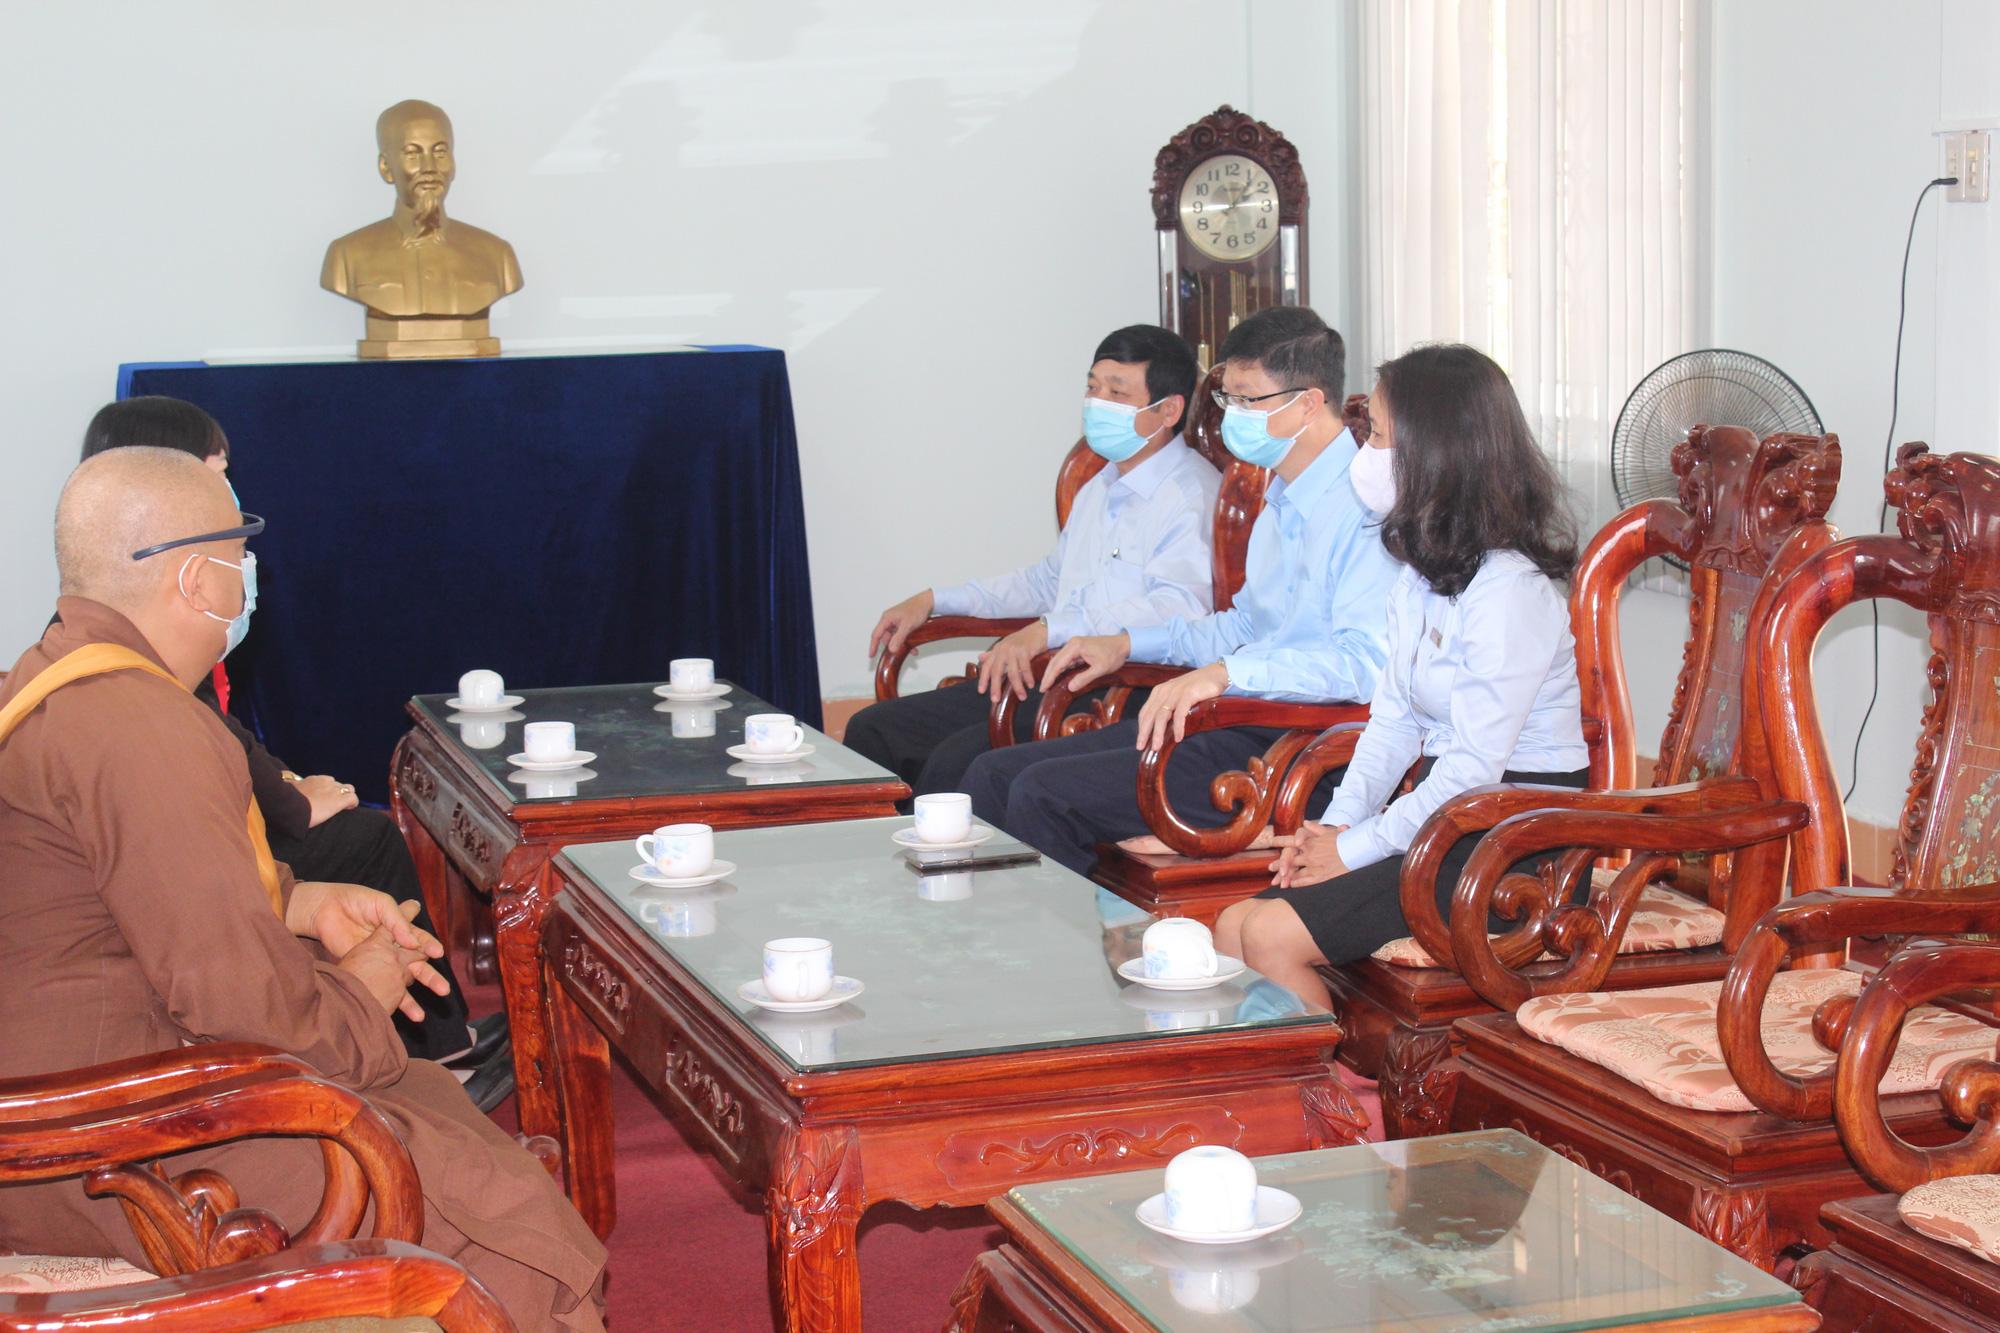 PC Gia Lai ủng hộ quỹ vắc xin phòng, chống dịch Covid-19 300 triệu đồng - Ảnh 2.